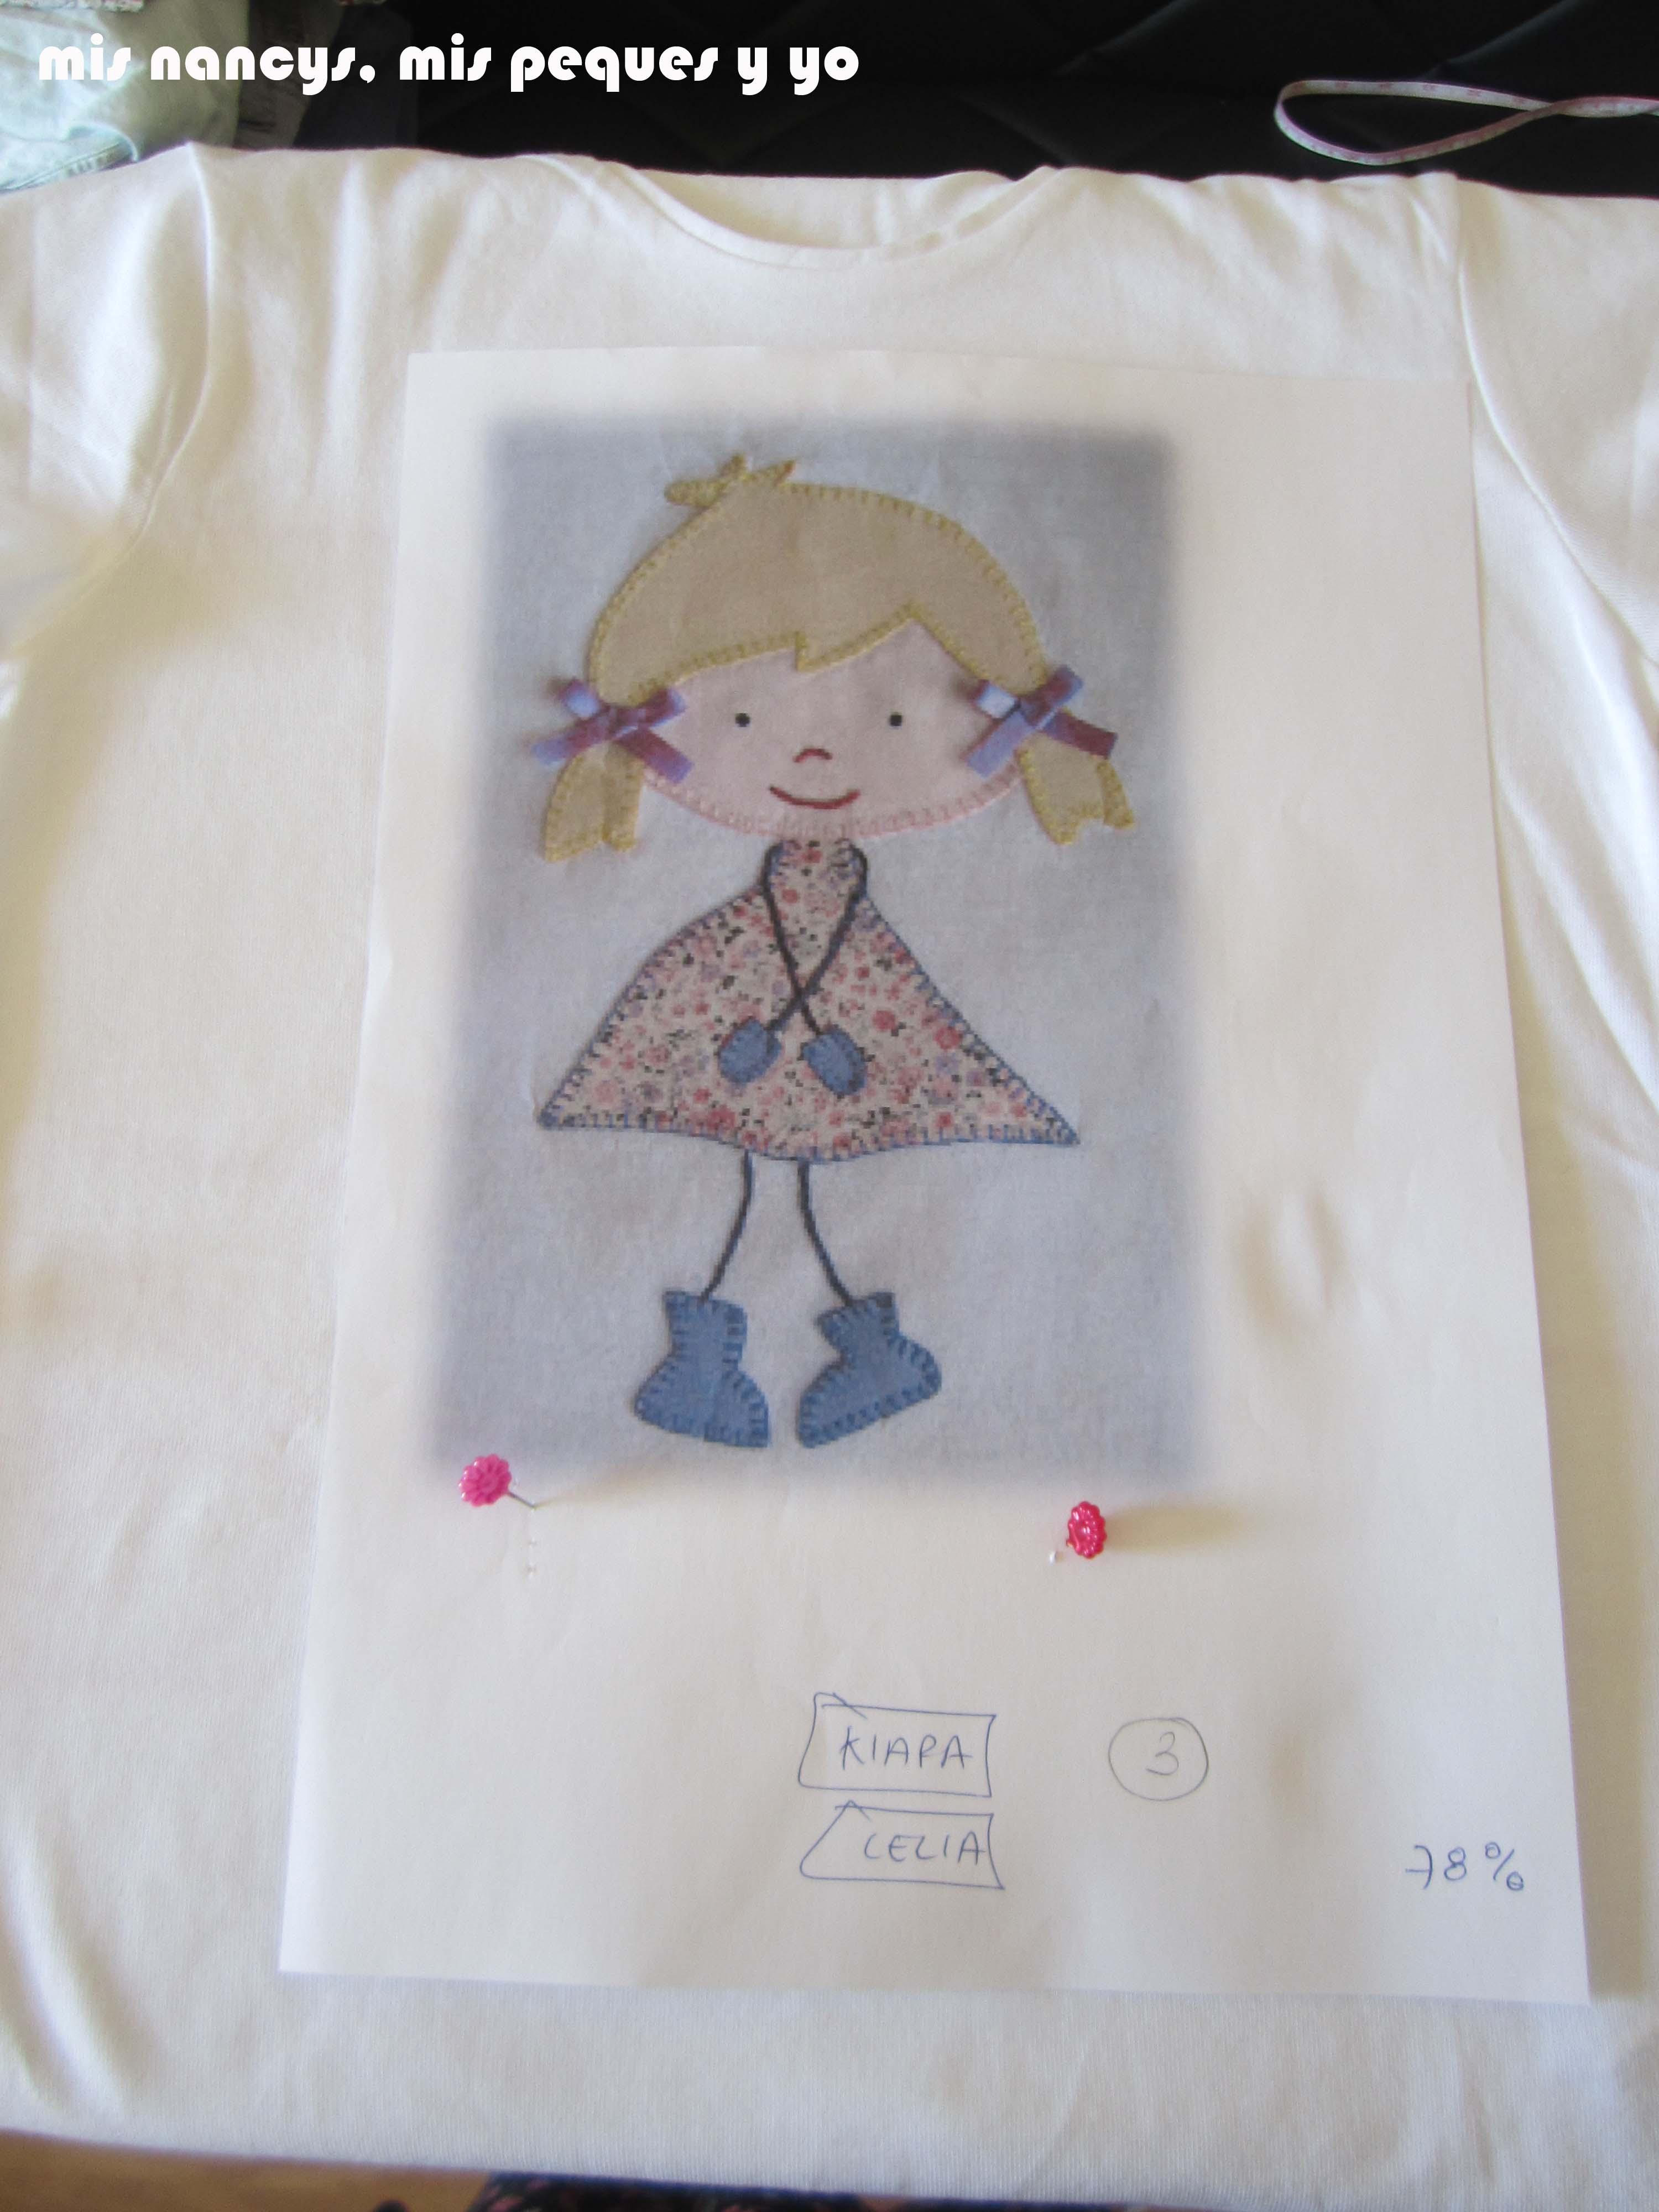 mis nancys, mis peques y yo, tutorial aplique en camiseta muñequita, situar patron sobre camiseta